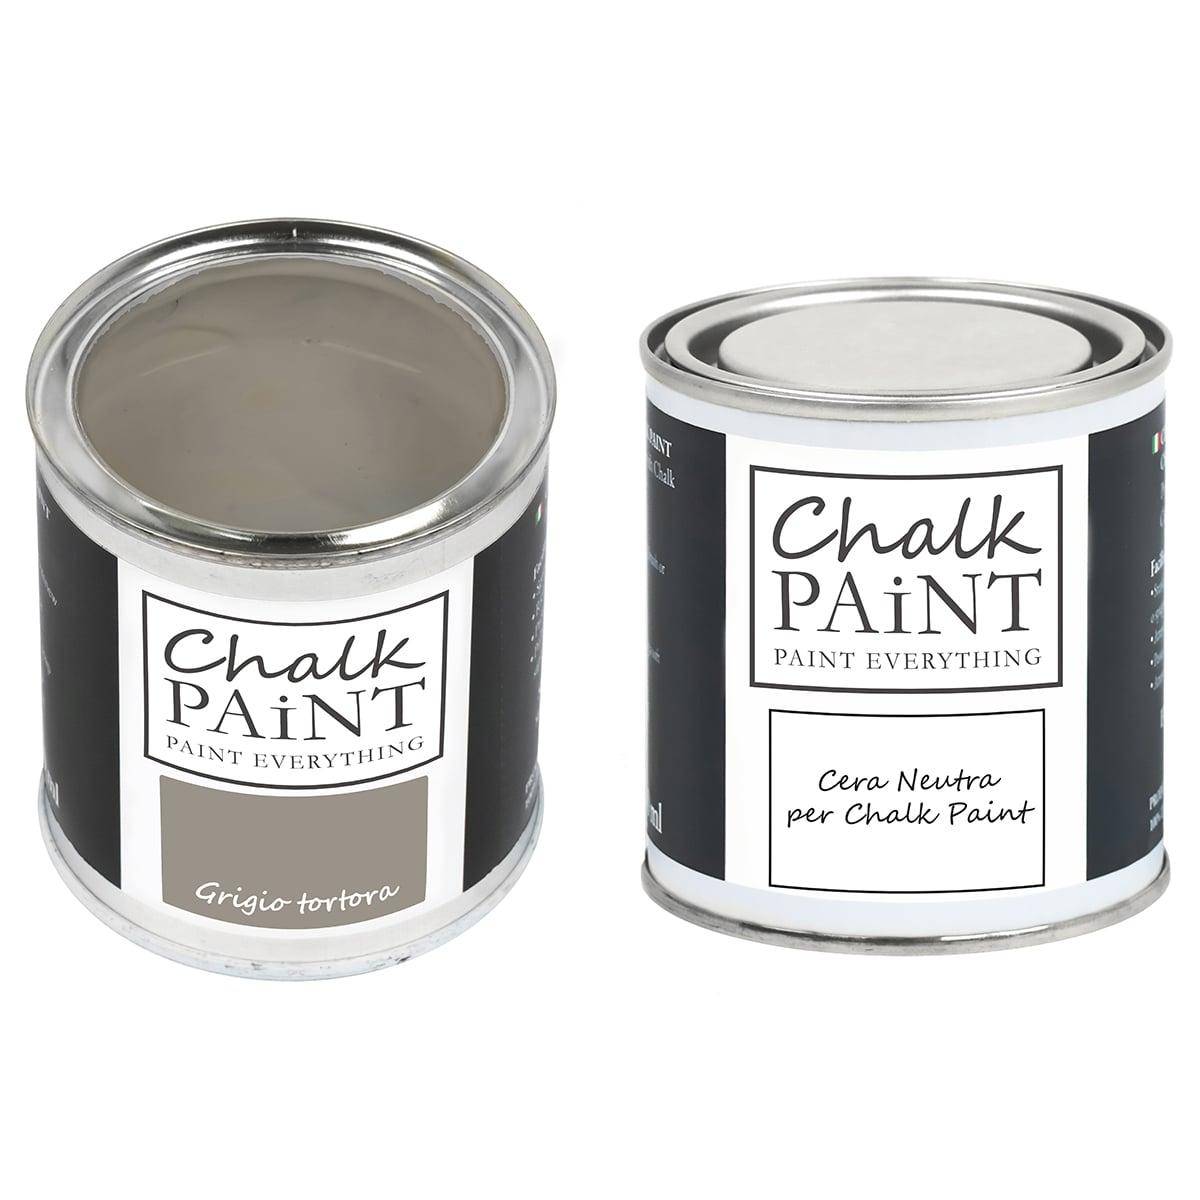 Grigio tortora Chalk paint e cera in offerta decora facile con paint magic